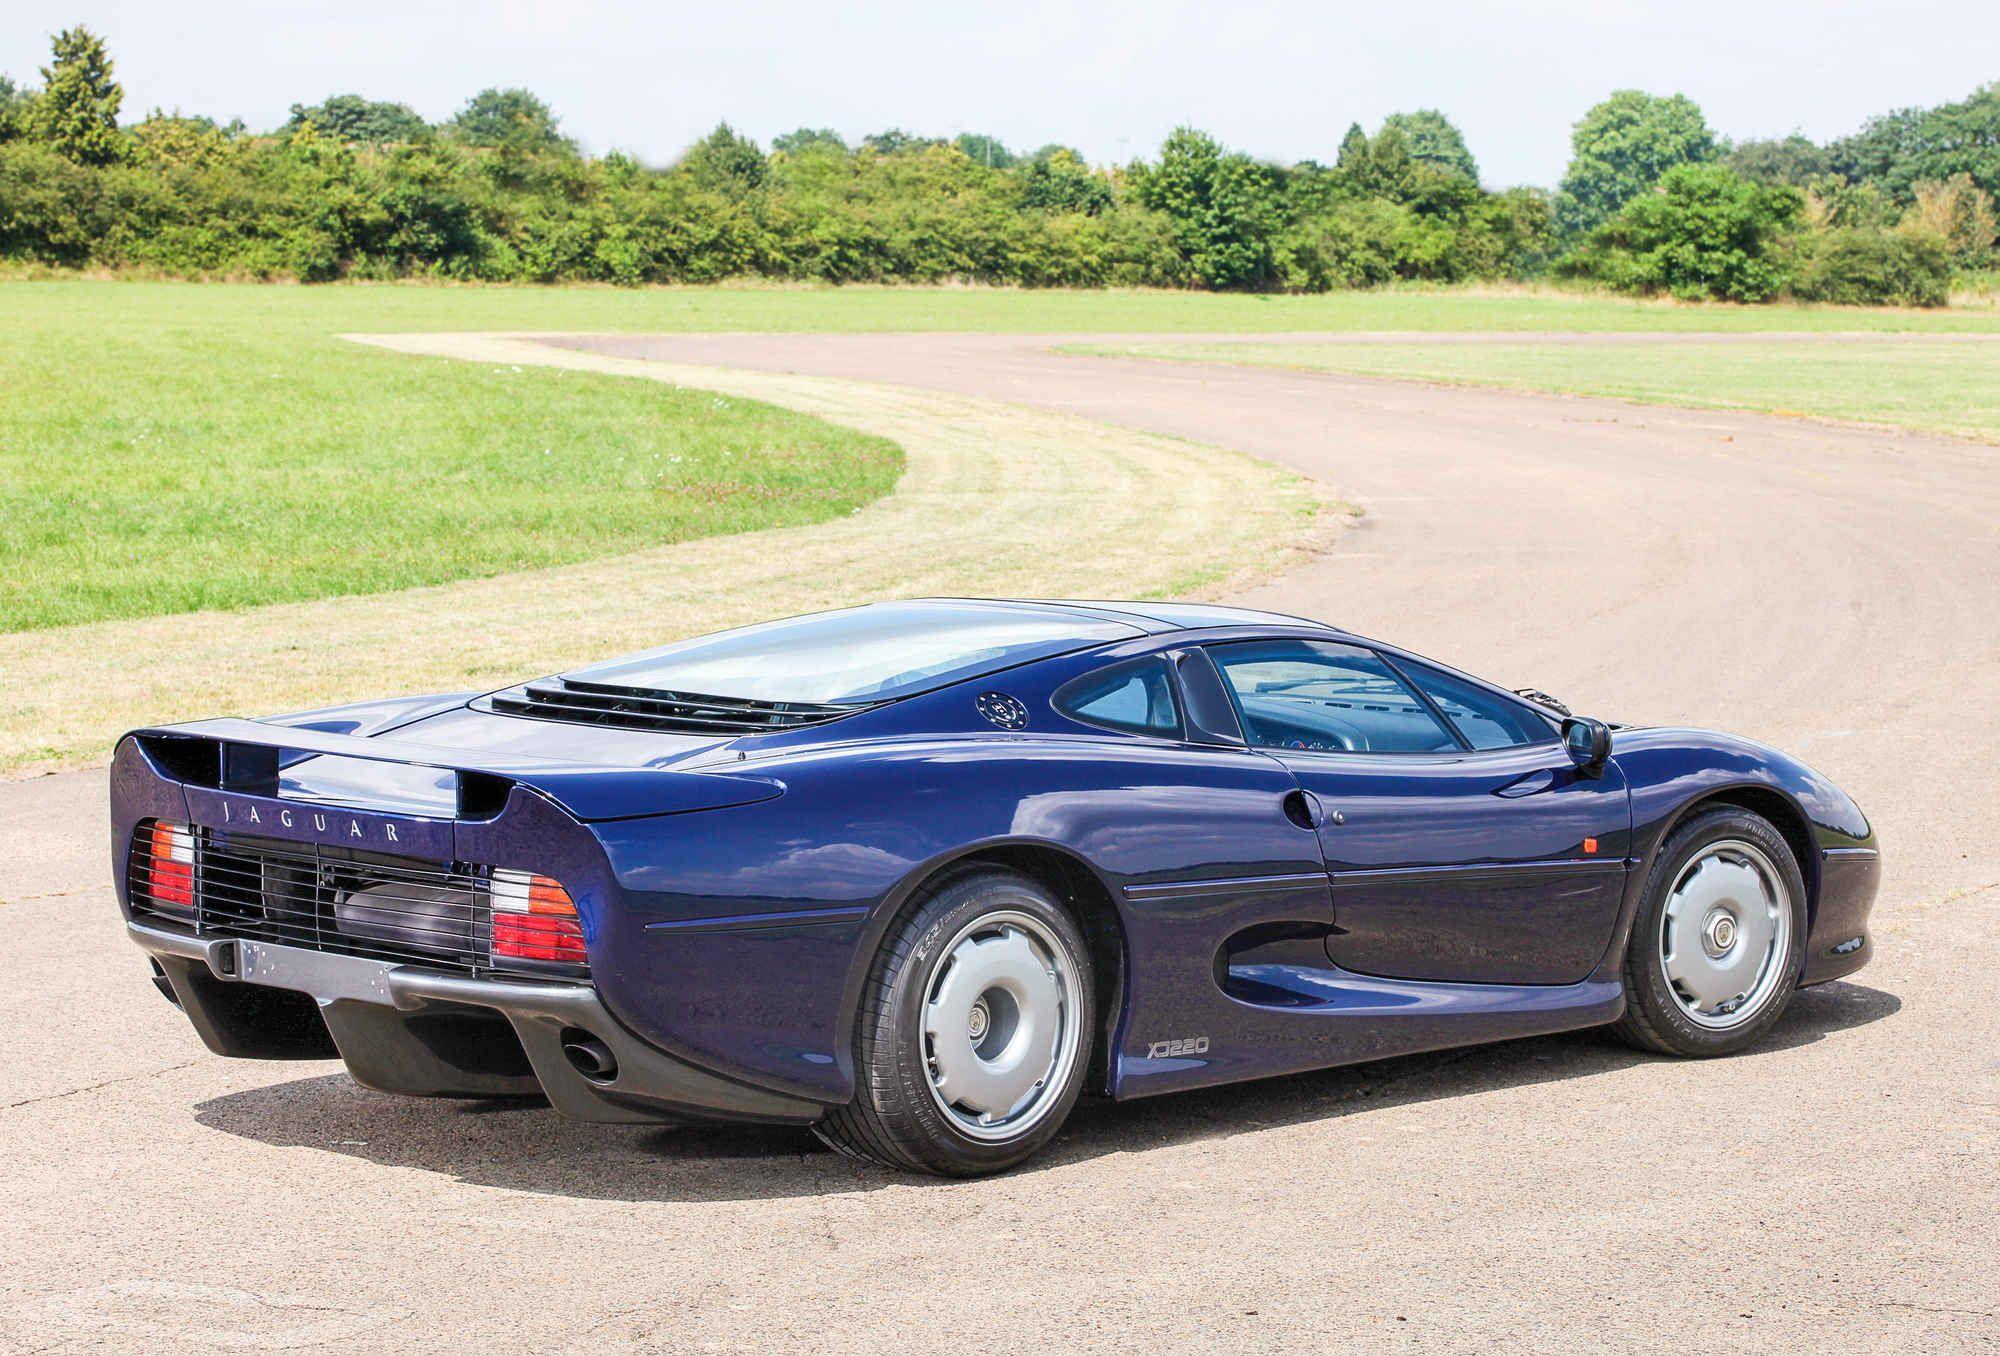 The Jaguar Xj220 Is The Perfect Supercar Jaguar Xj220 Jaguar Car Super Cars